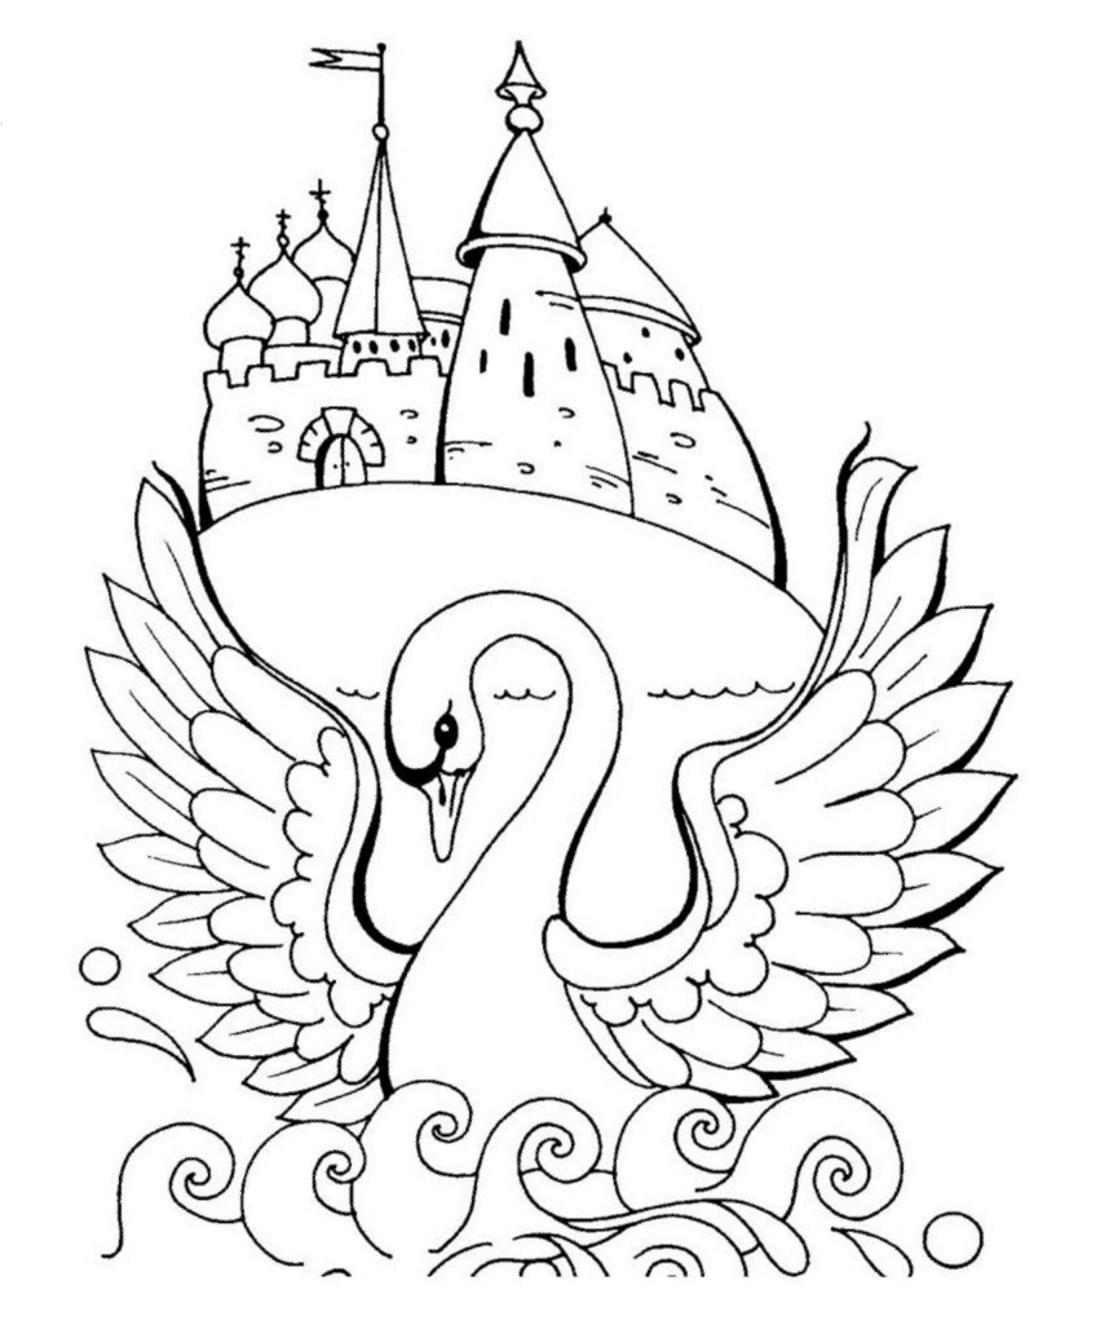 Картинки из русских народных сказок для детей раскраски 7